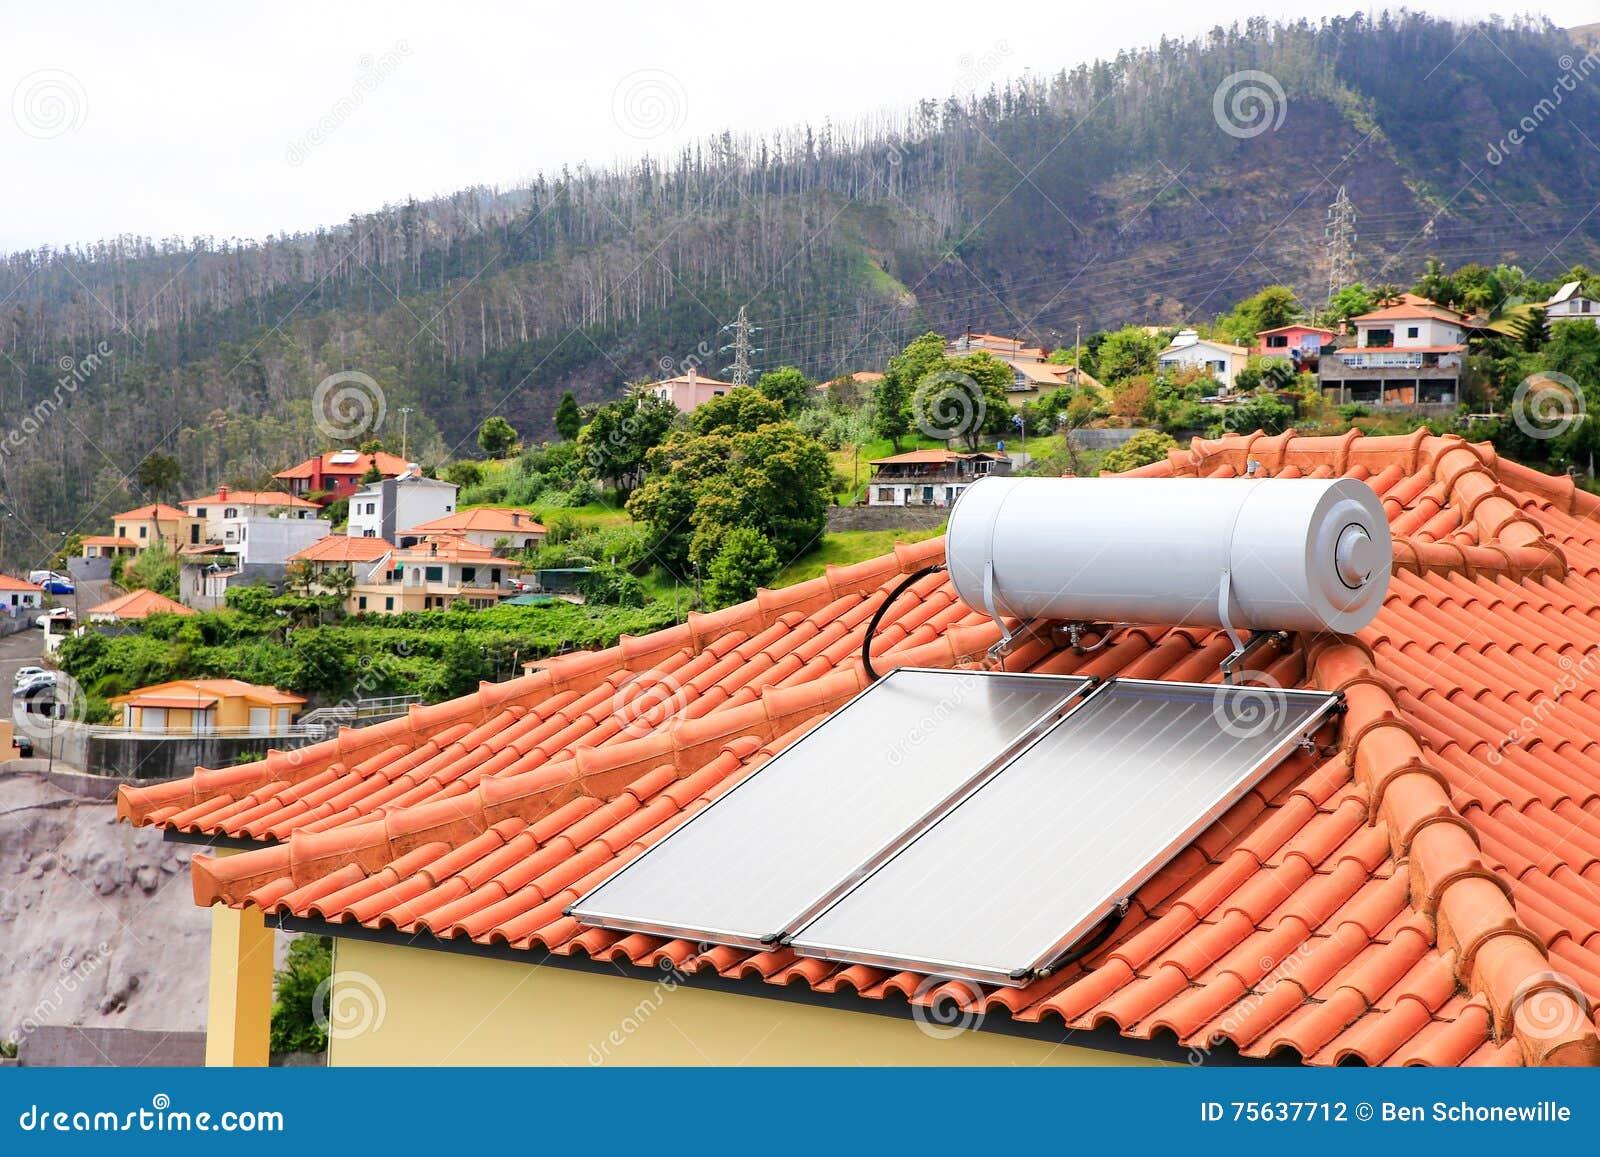 chauffe eau avec les panneaux solaires sur le toit de la. Black Bedroom Furniture Sets. Home Design Ideas